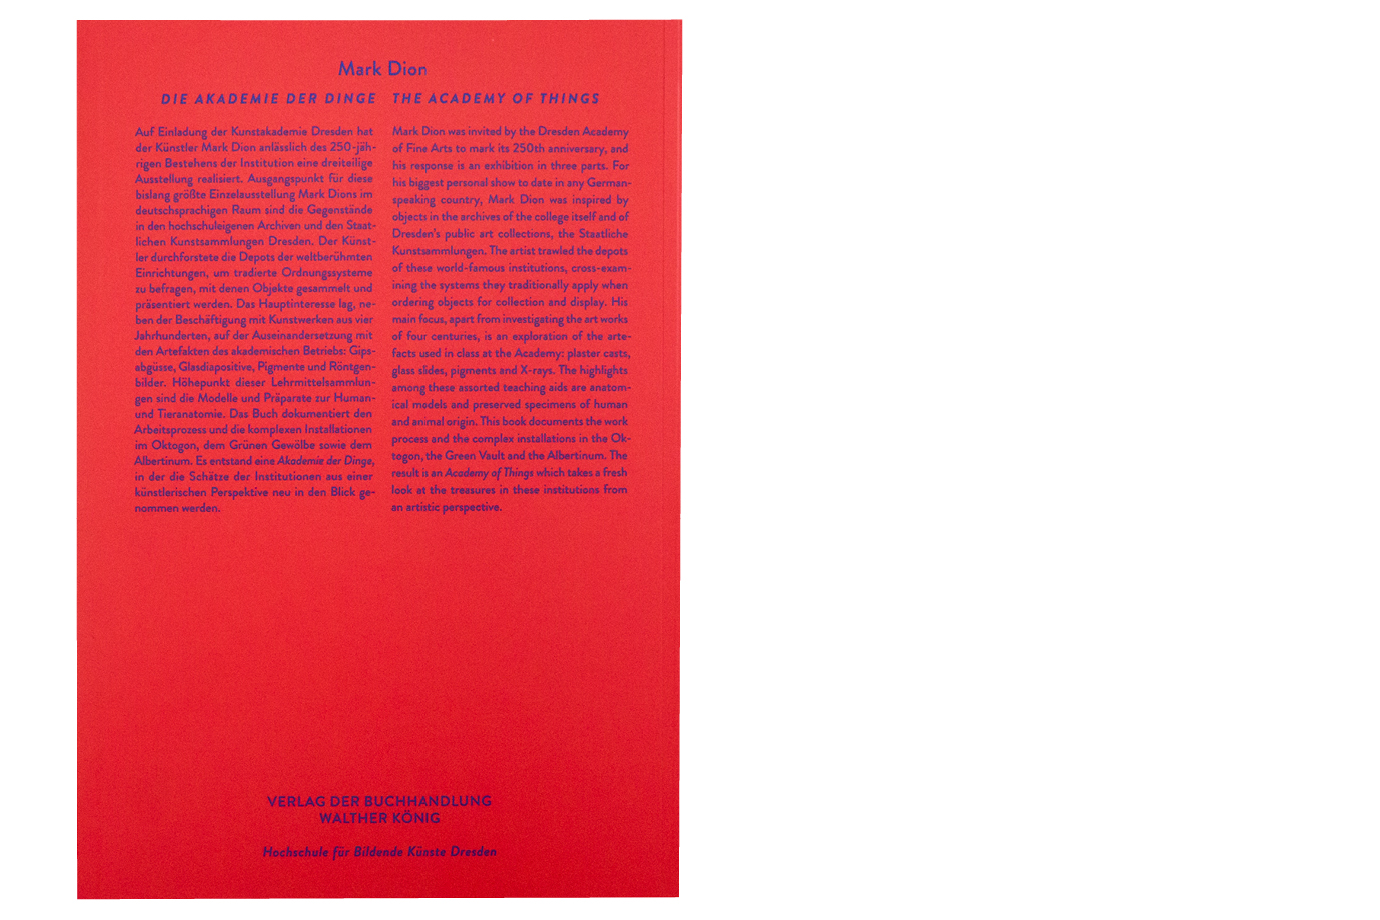 http://e-o-t.de/wordpress/wp-content/uploads/2017/10/2014_eot-MarkDion-Book-020.jpg